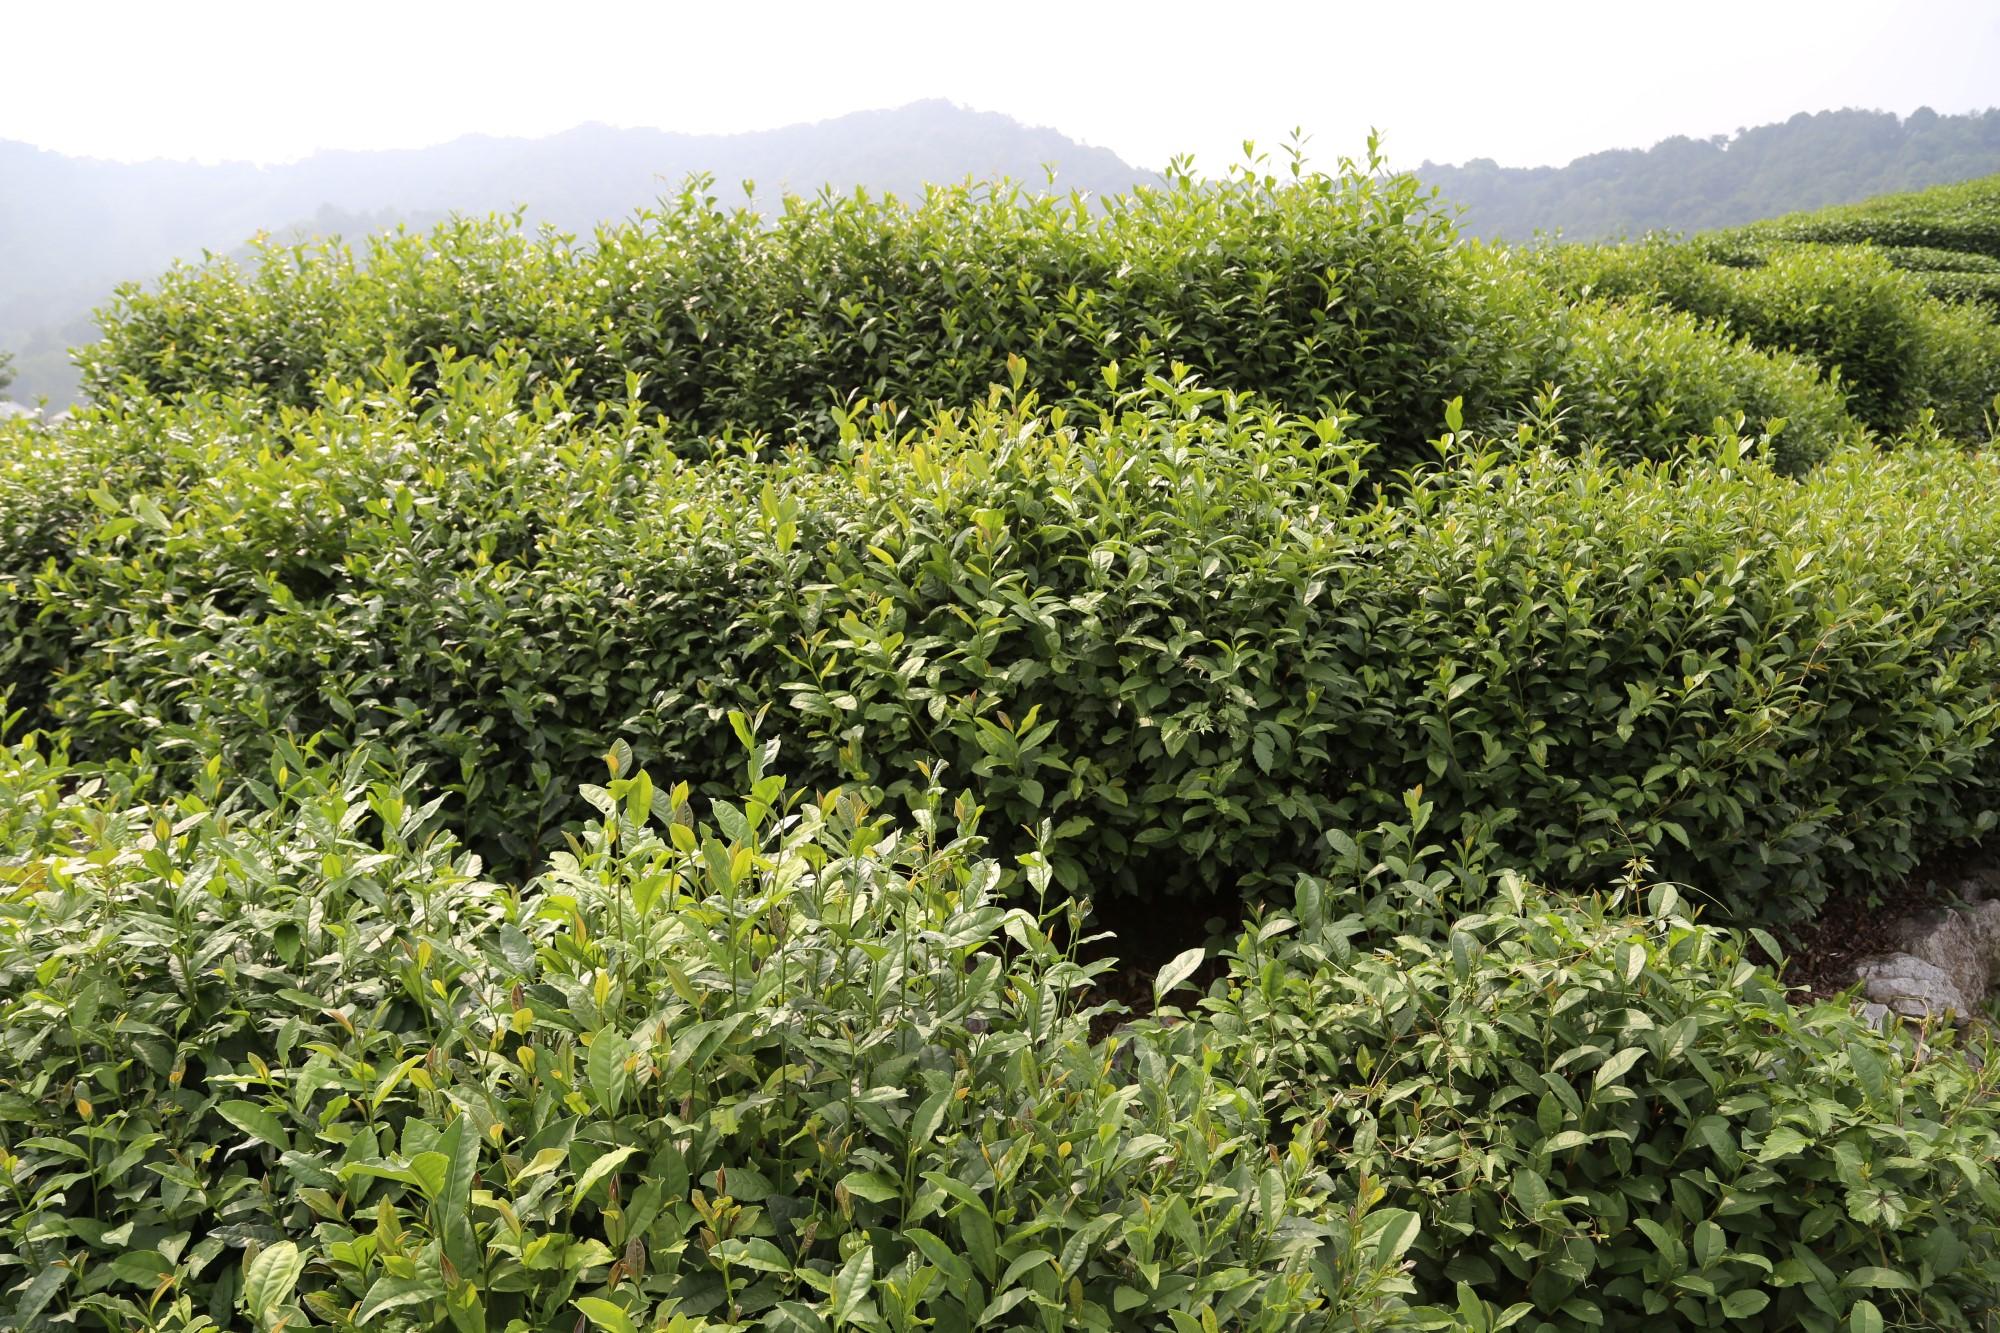 صور حقول الشاي في هانغتشو